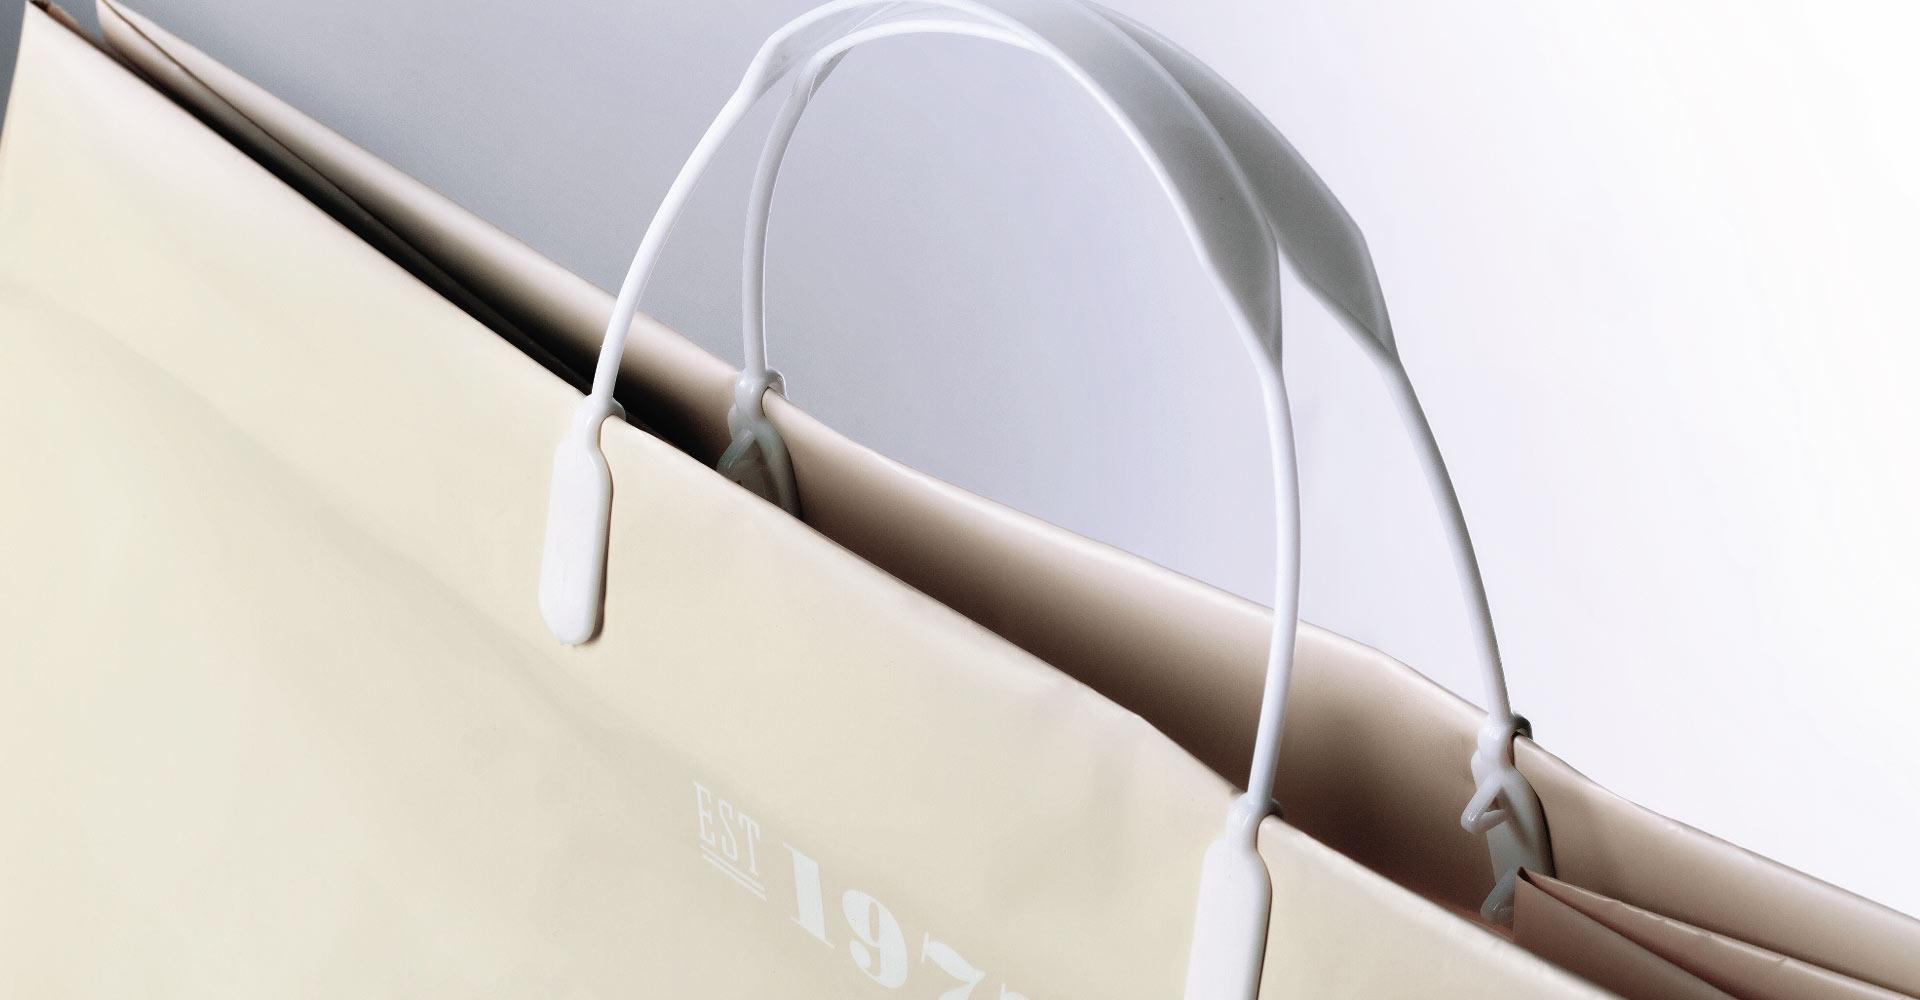 Creative_Retail_Packaging_Package_Design_Goode_Co_08.jpg